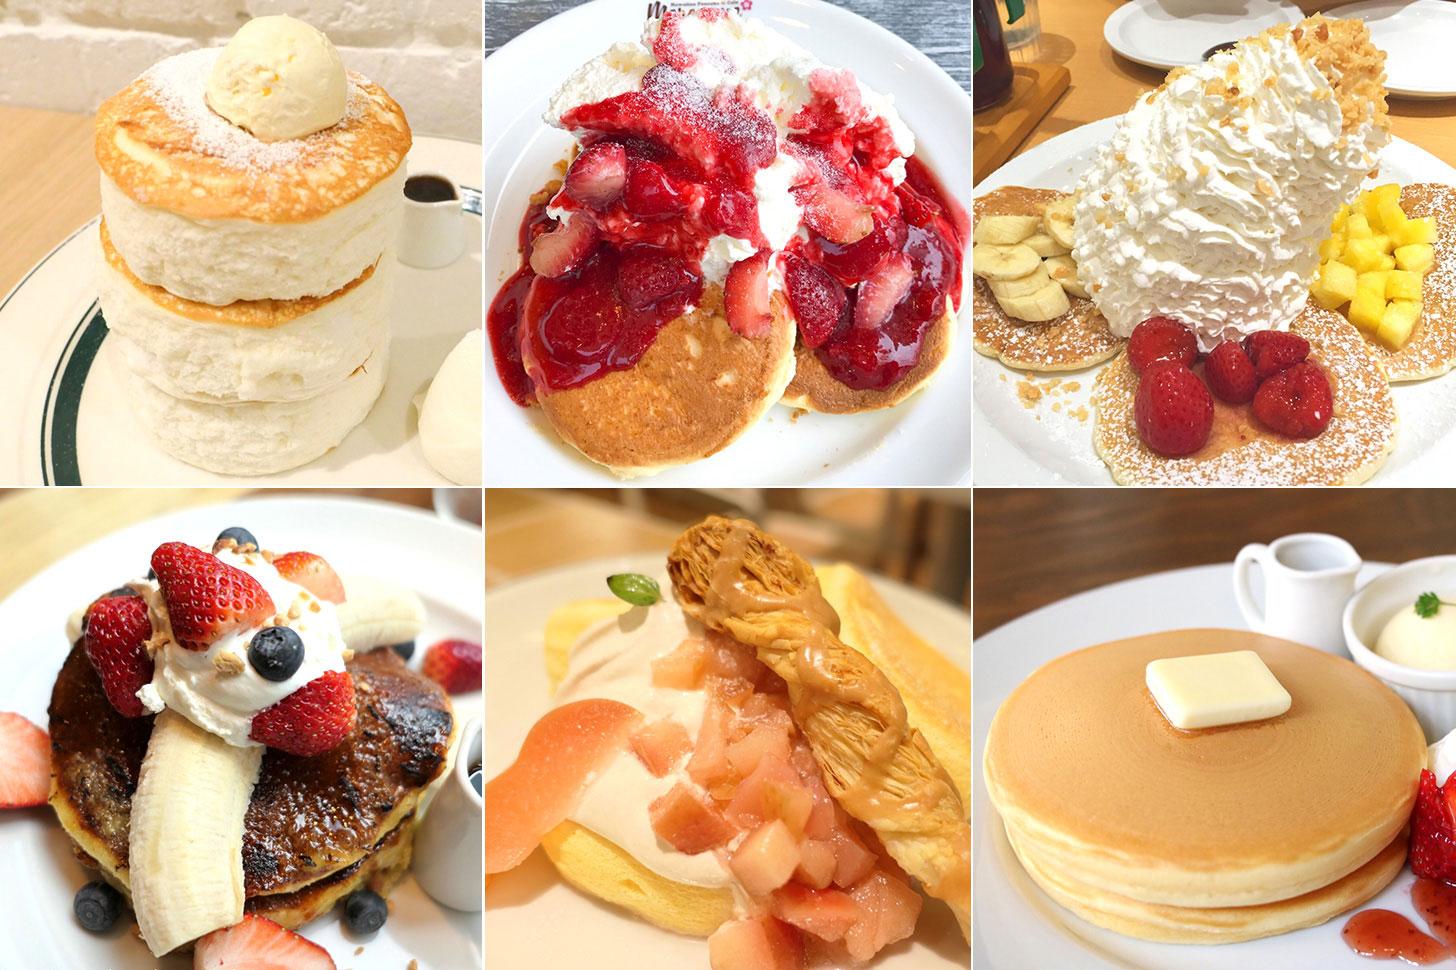 横浜みなとみらいの人気パンケーキ食べ歩きおすすめレポ 全18店